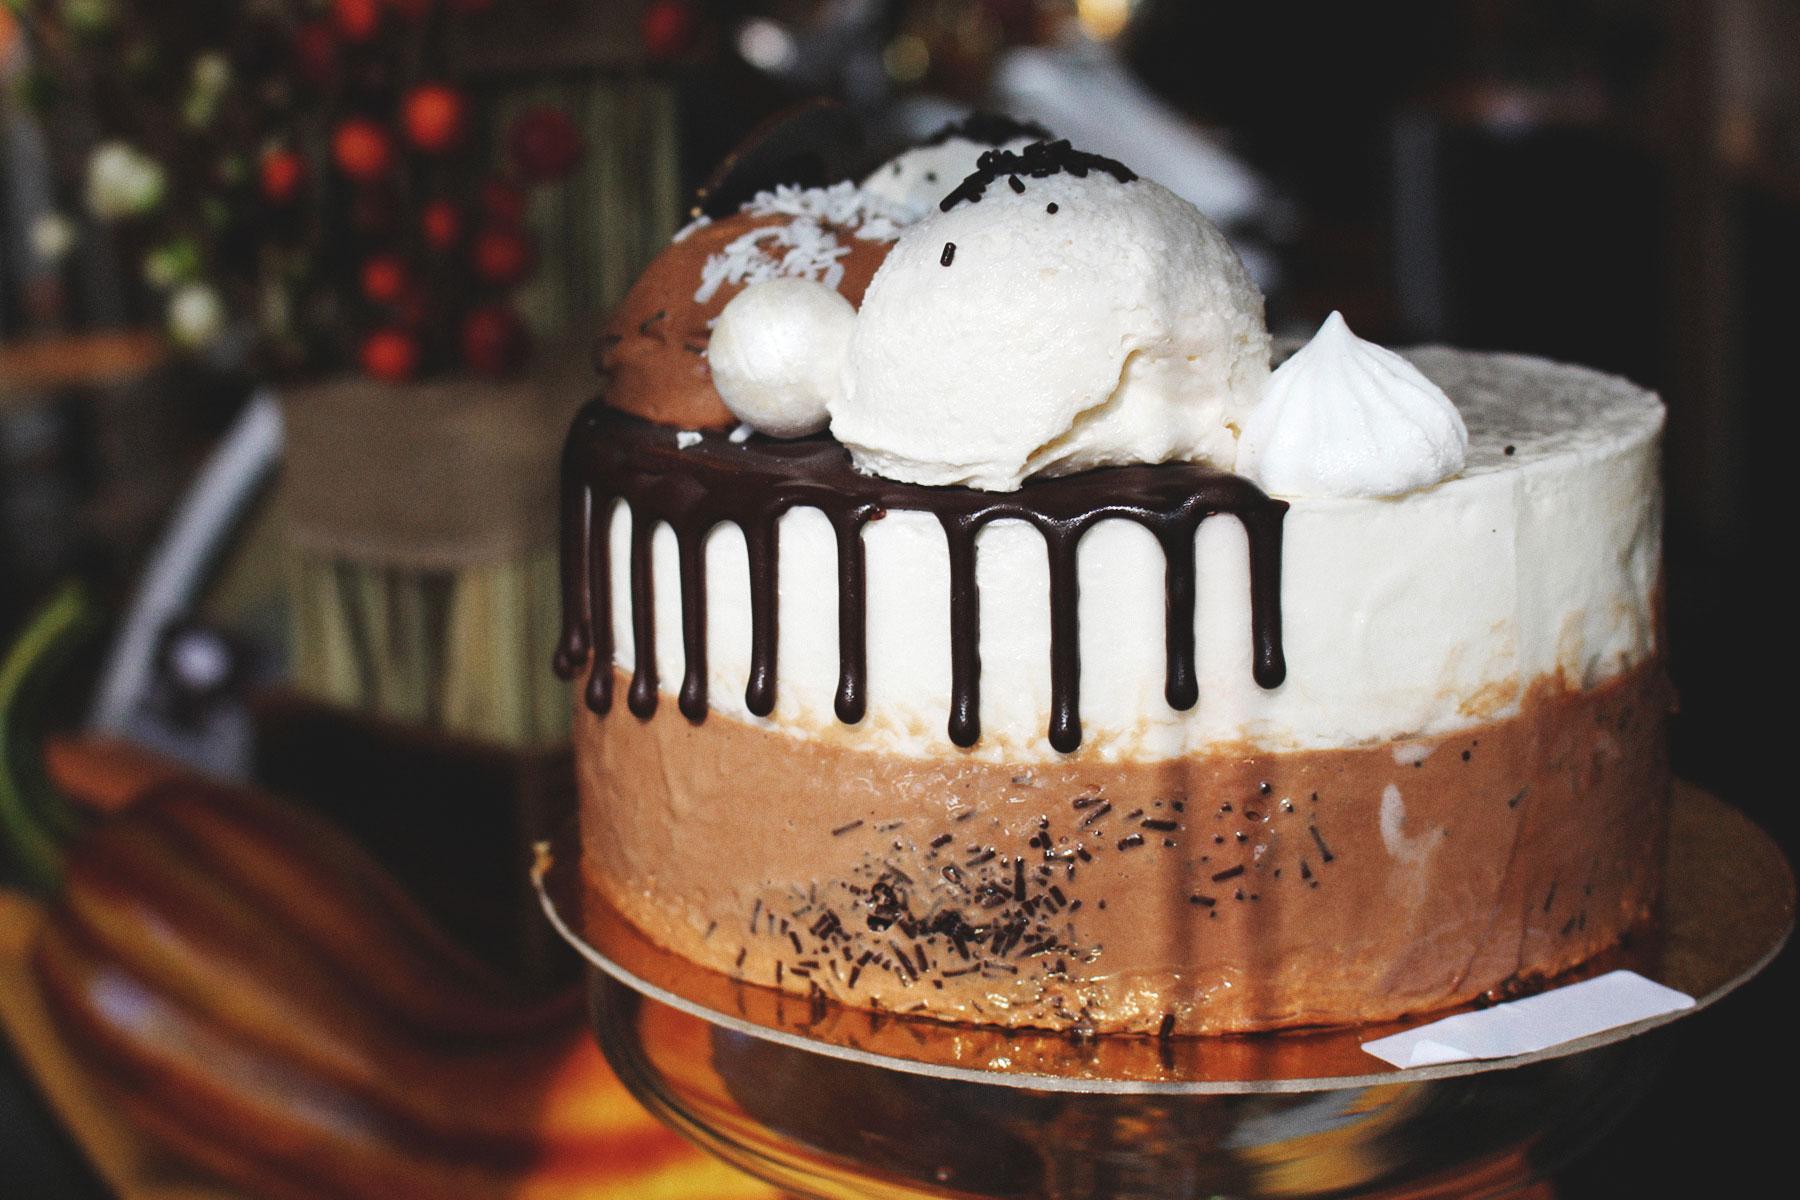 chocolate and vanilla gelato cake